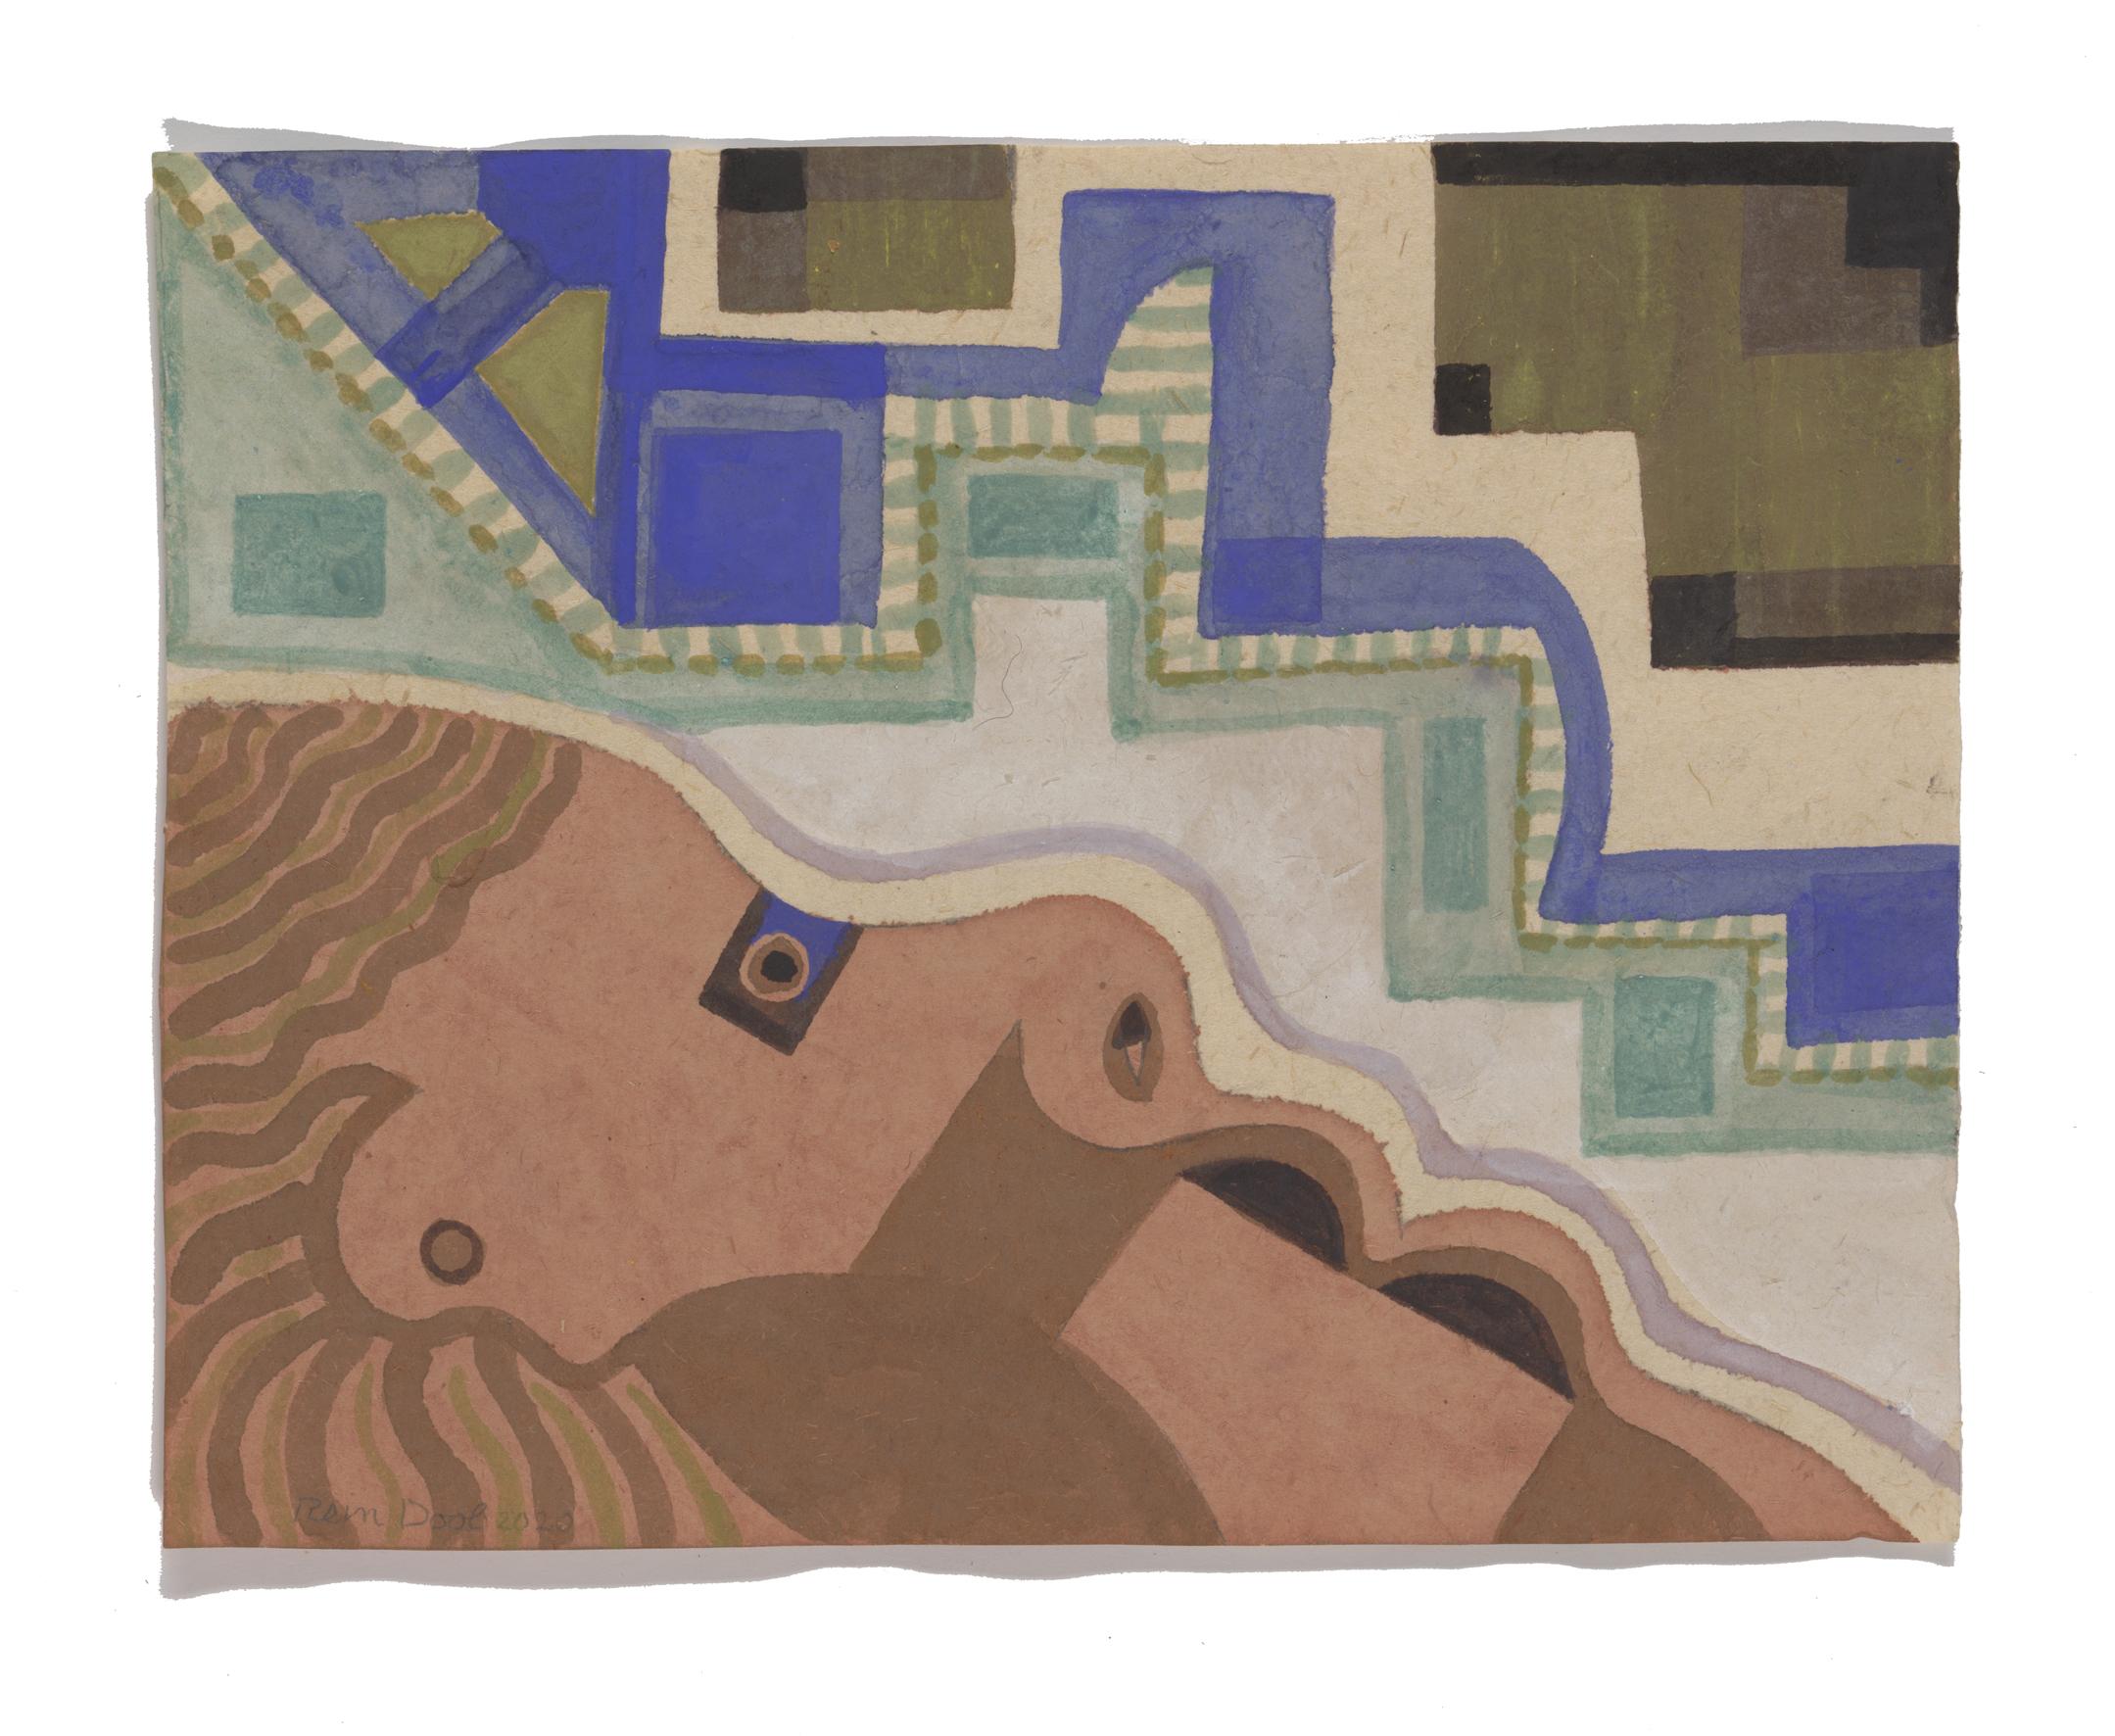 Z.T. - Rein Dool, 22x28cm, aquarel 2020